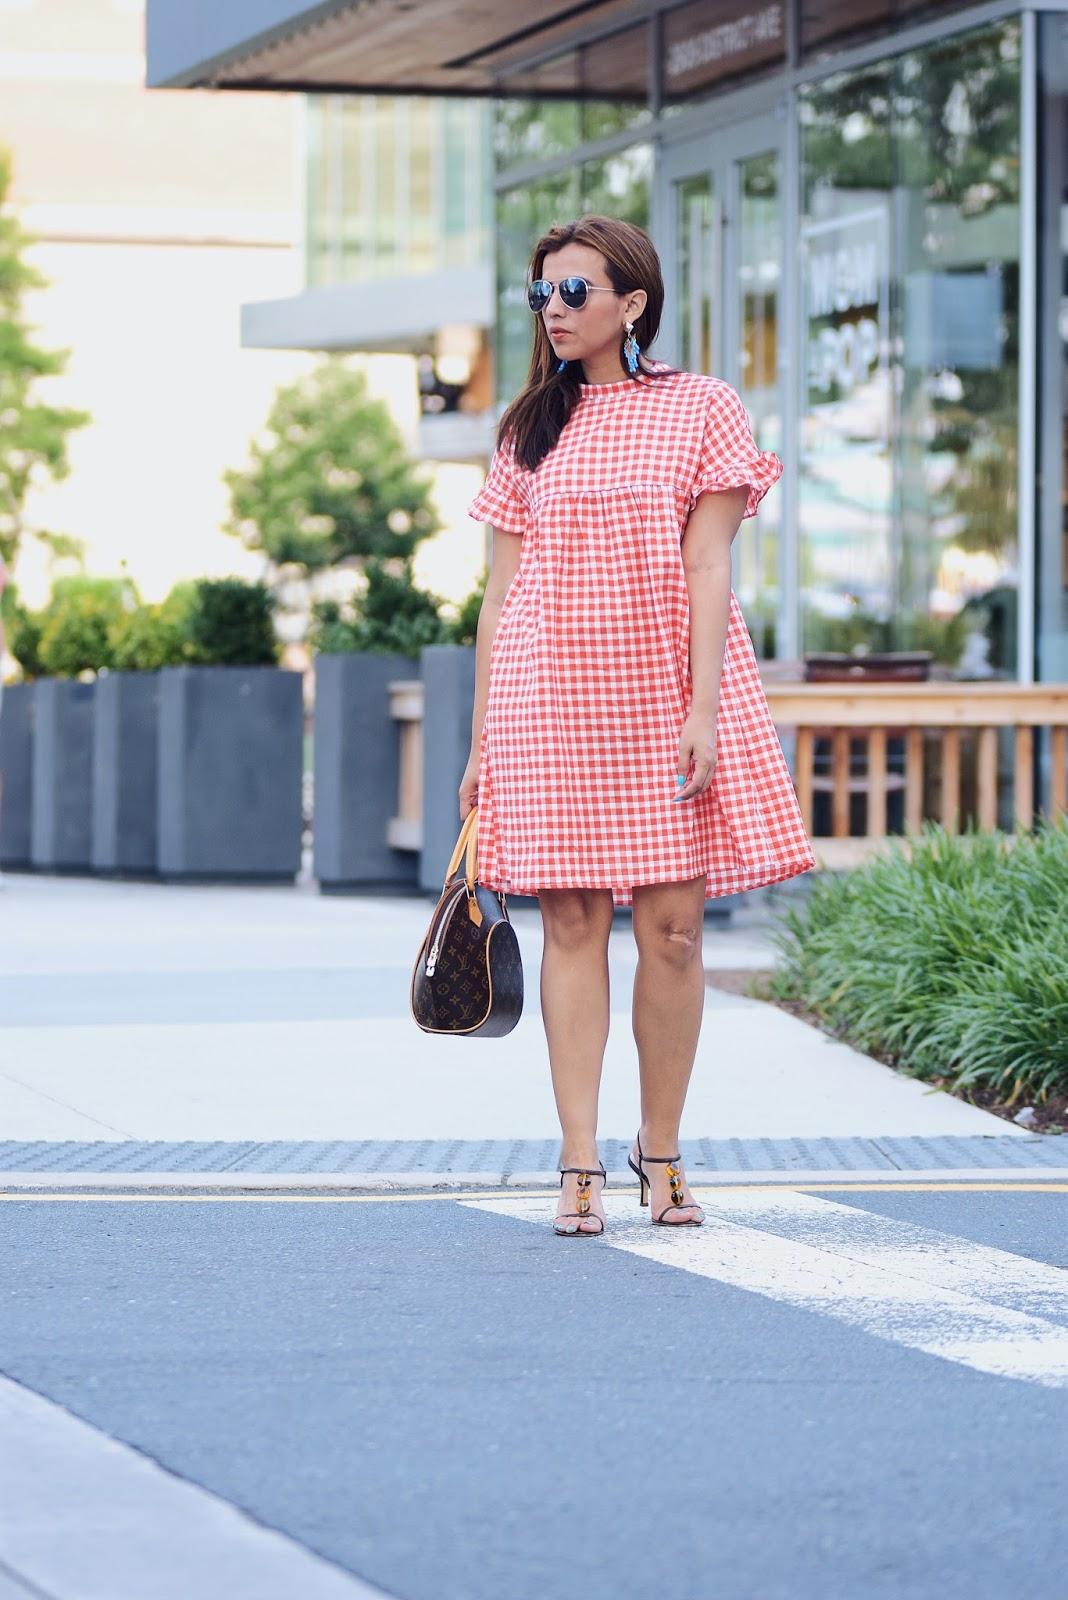 Gingham Lover? Amante de los cuadros, qué tal este vestido en cuadros Vichy, perfecto para el verano. Wearing: Dress: SheIn Sandals: Nordstrom Bag: Louis Vuitton